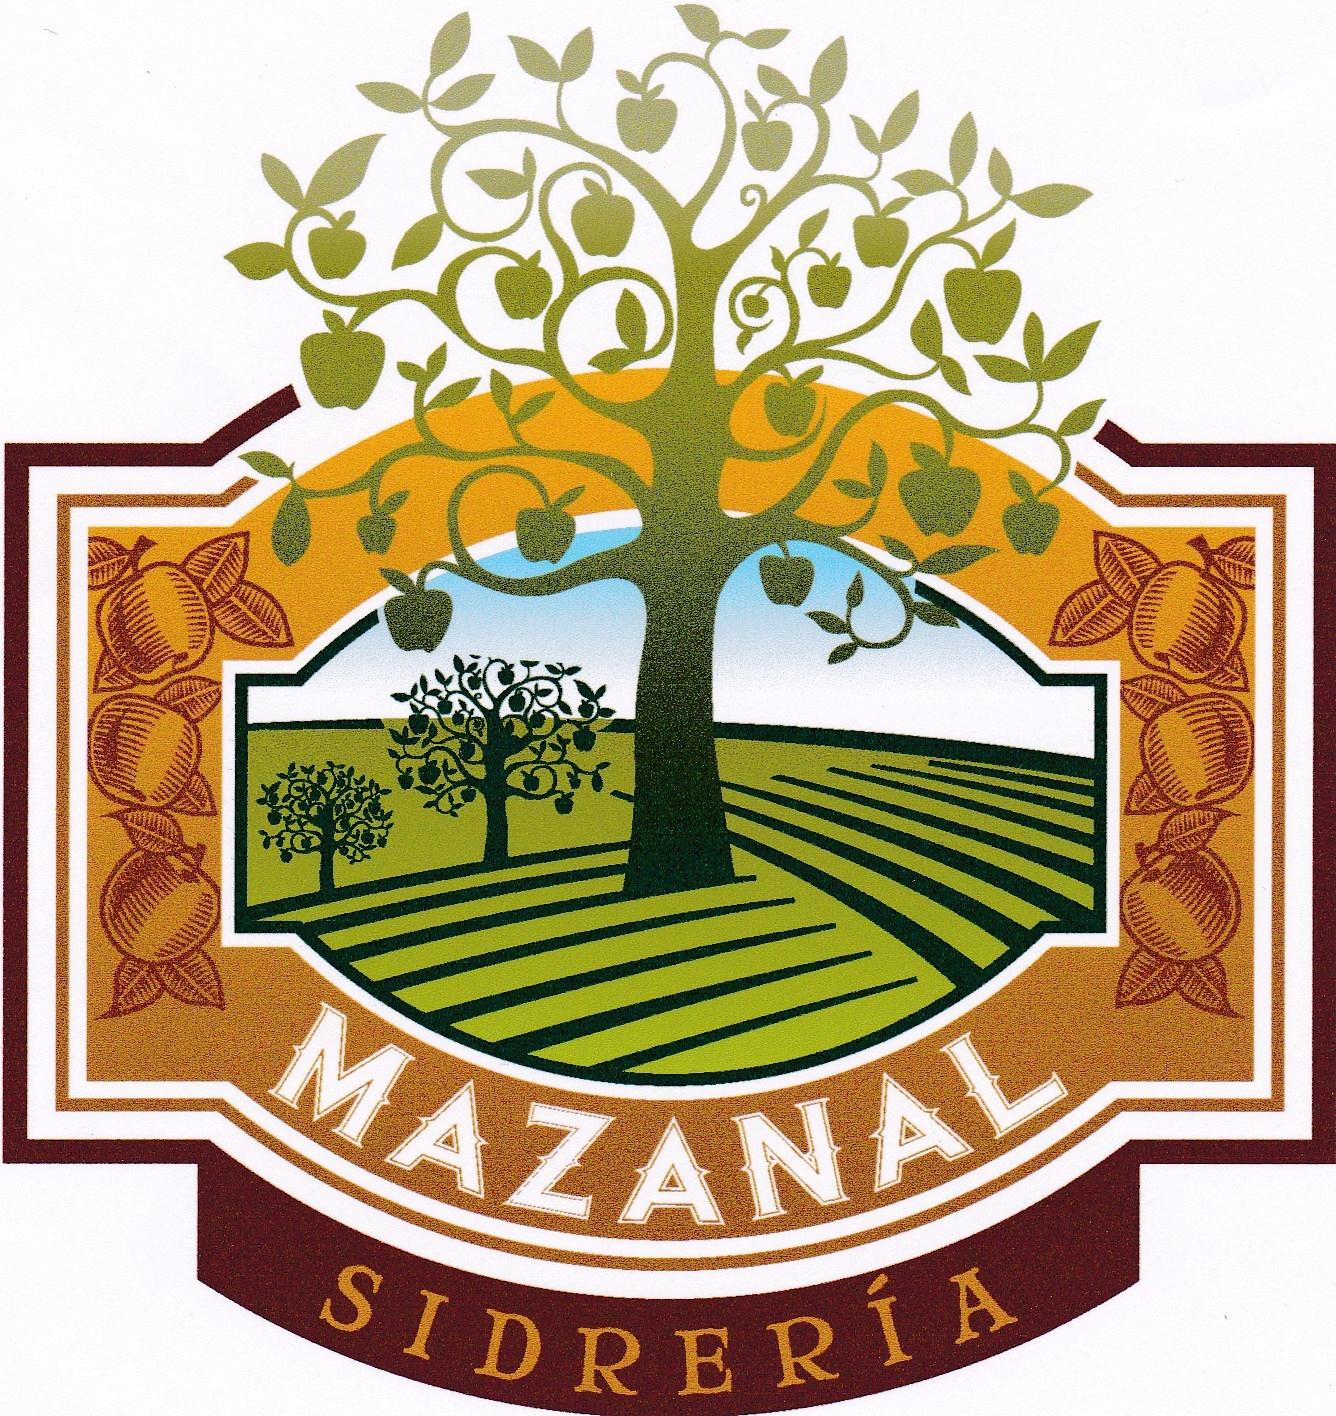 Sidrería Mazanal